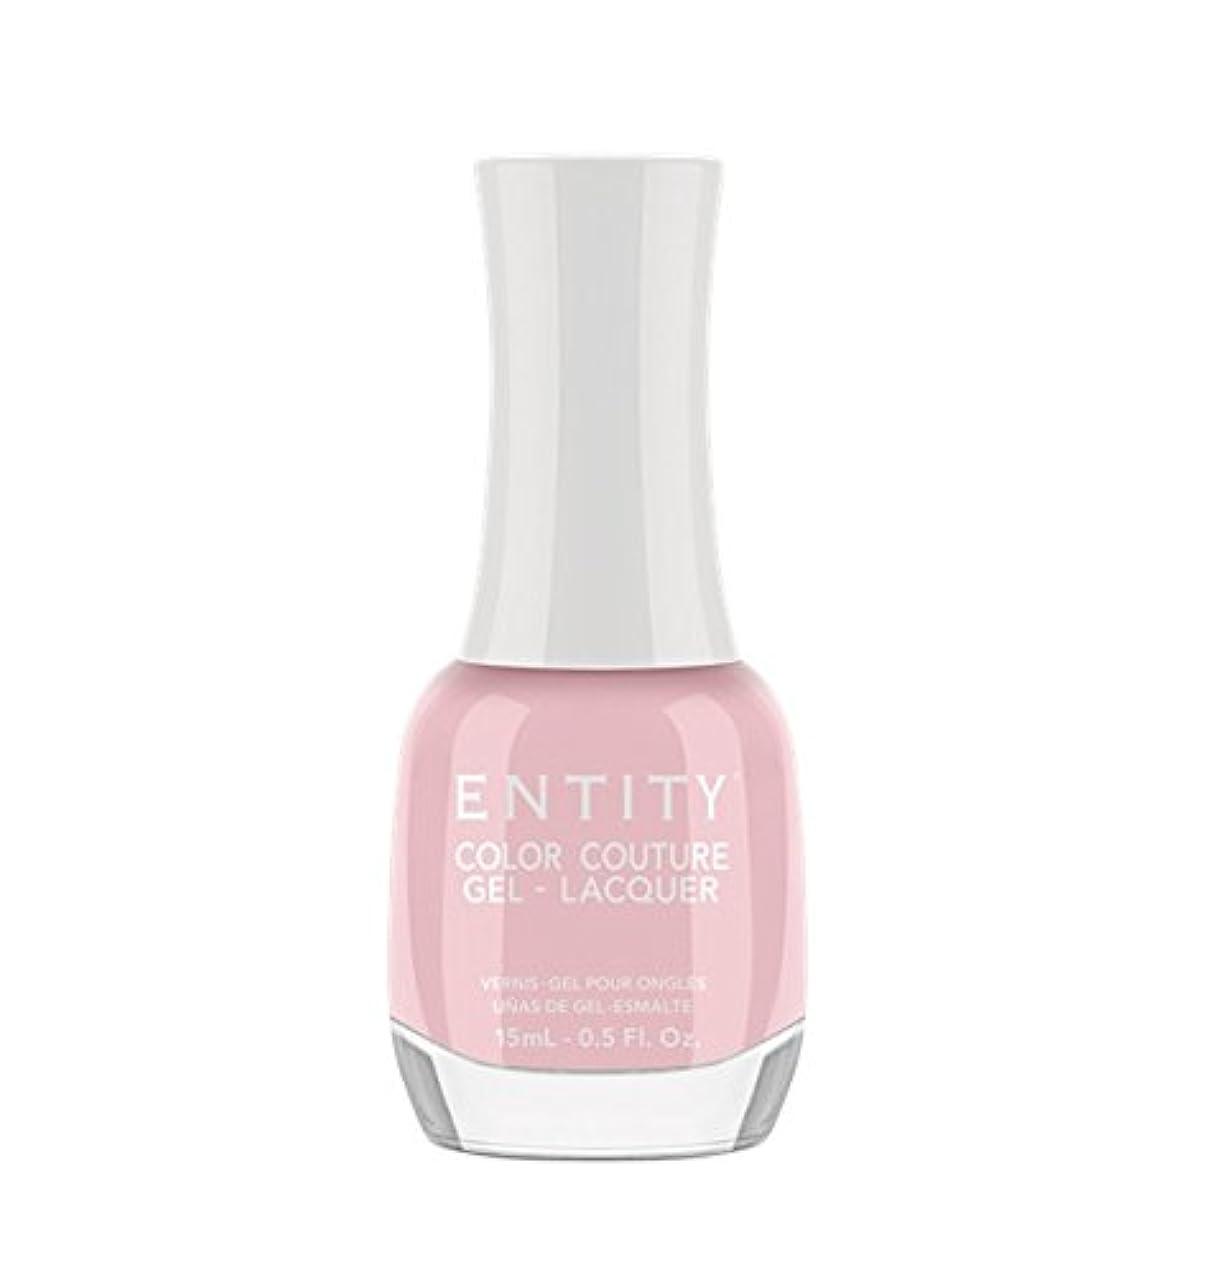 削除する海上開業医Entity Color Couture Gel-Lacquer - Boho Chic - 15 ml/0.5 oz